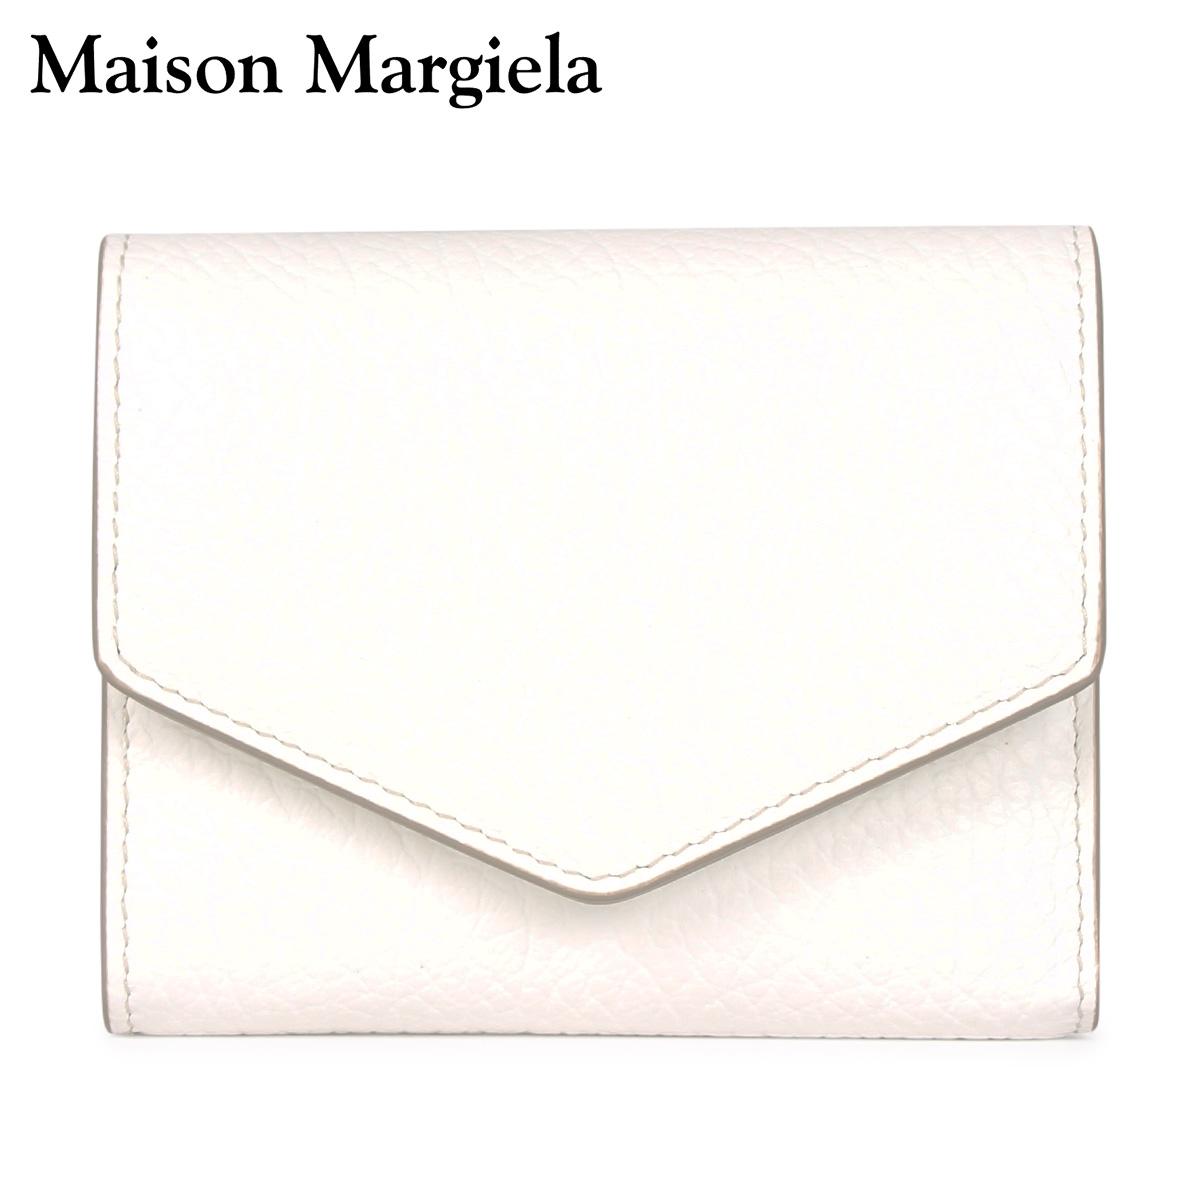 MAISON MARGIELA メゾンマルジェラ 財布 三つ折り ミニ財布 メンズ レディース WALLET ホワイト 白 S56UI0136 [4/13 新入荷]